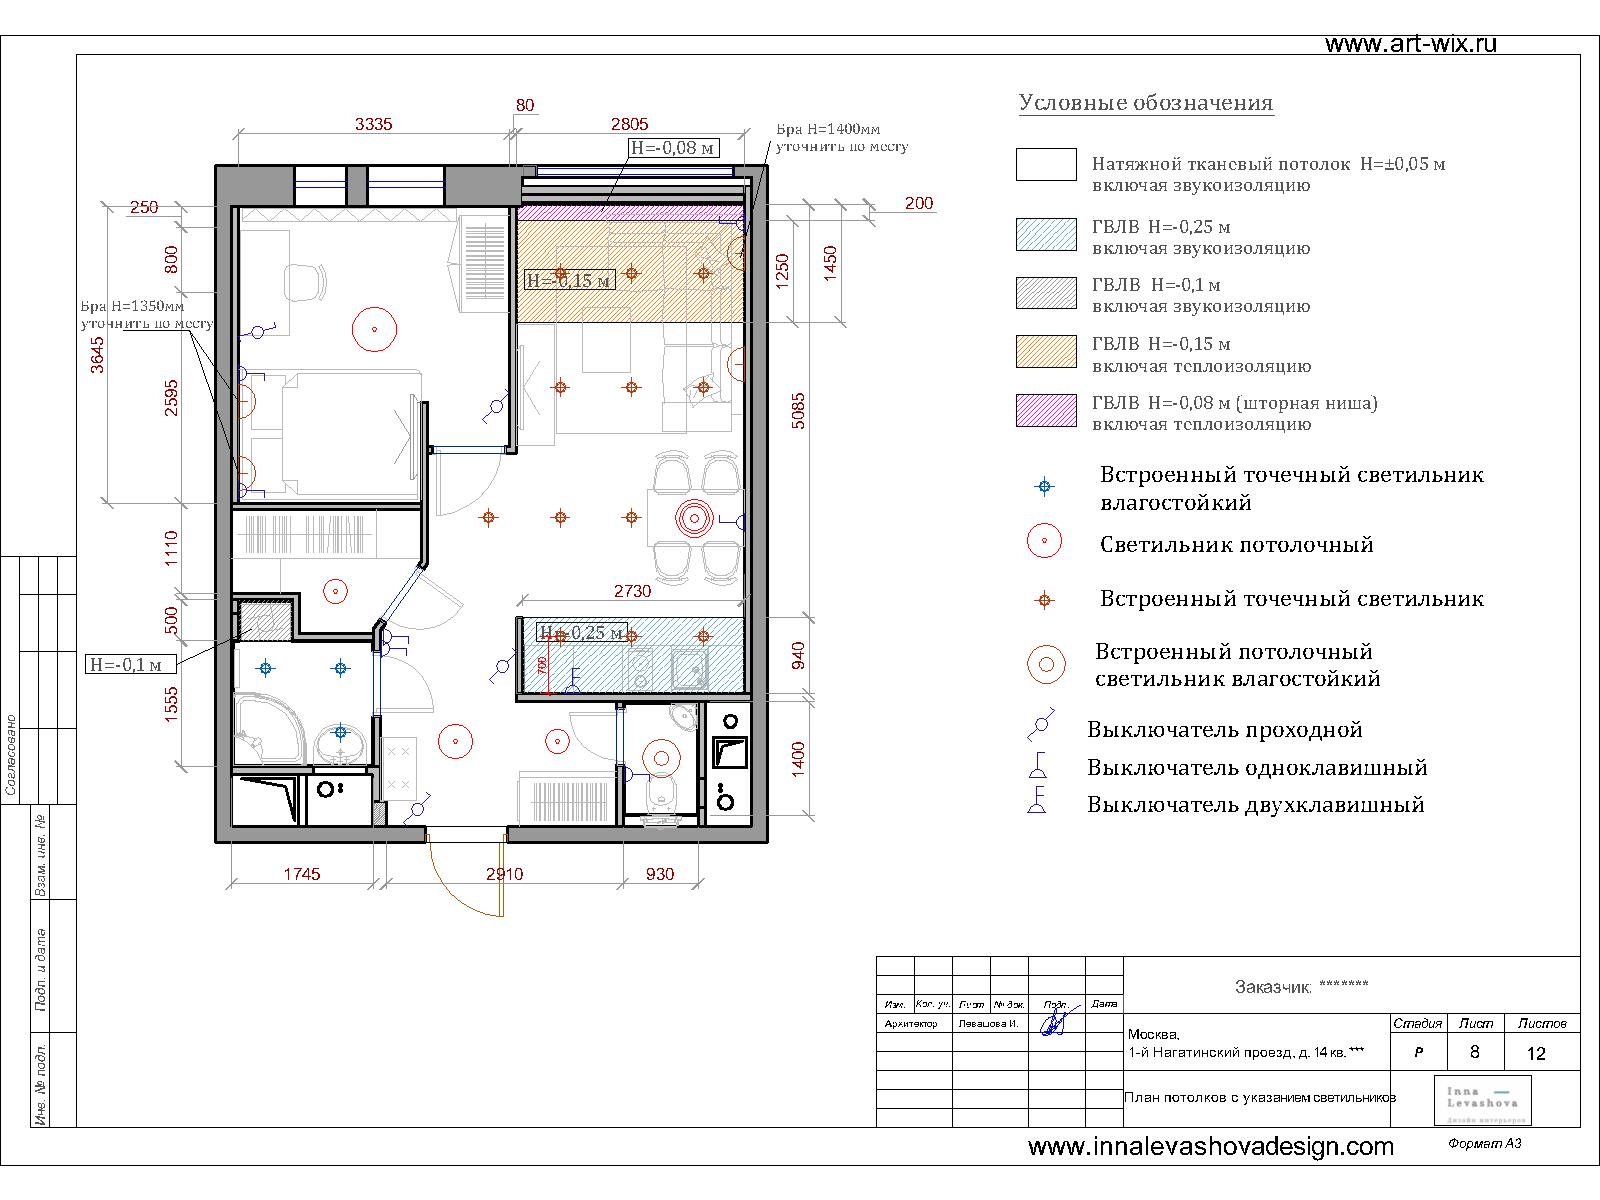 Дизайн проект интерьера квартиры.